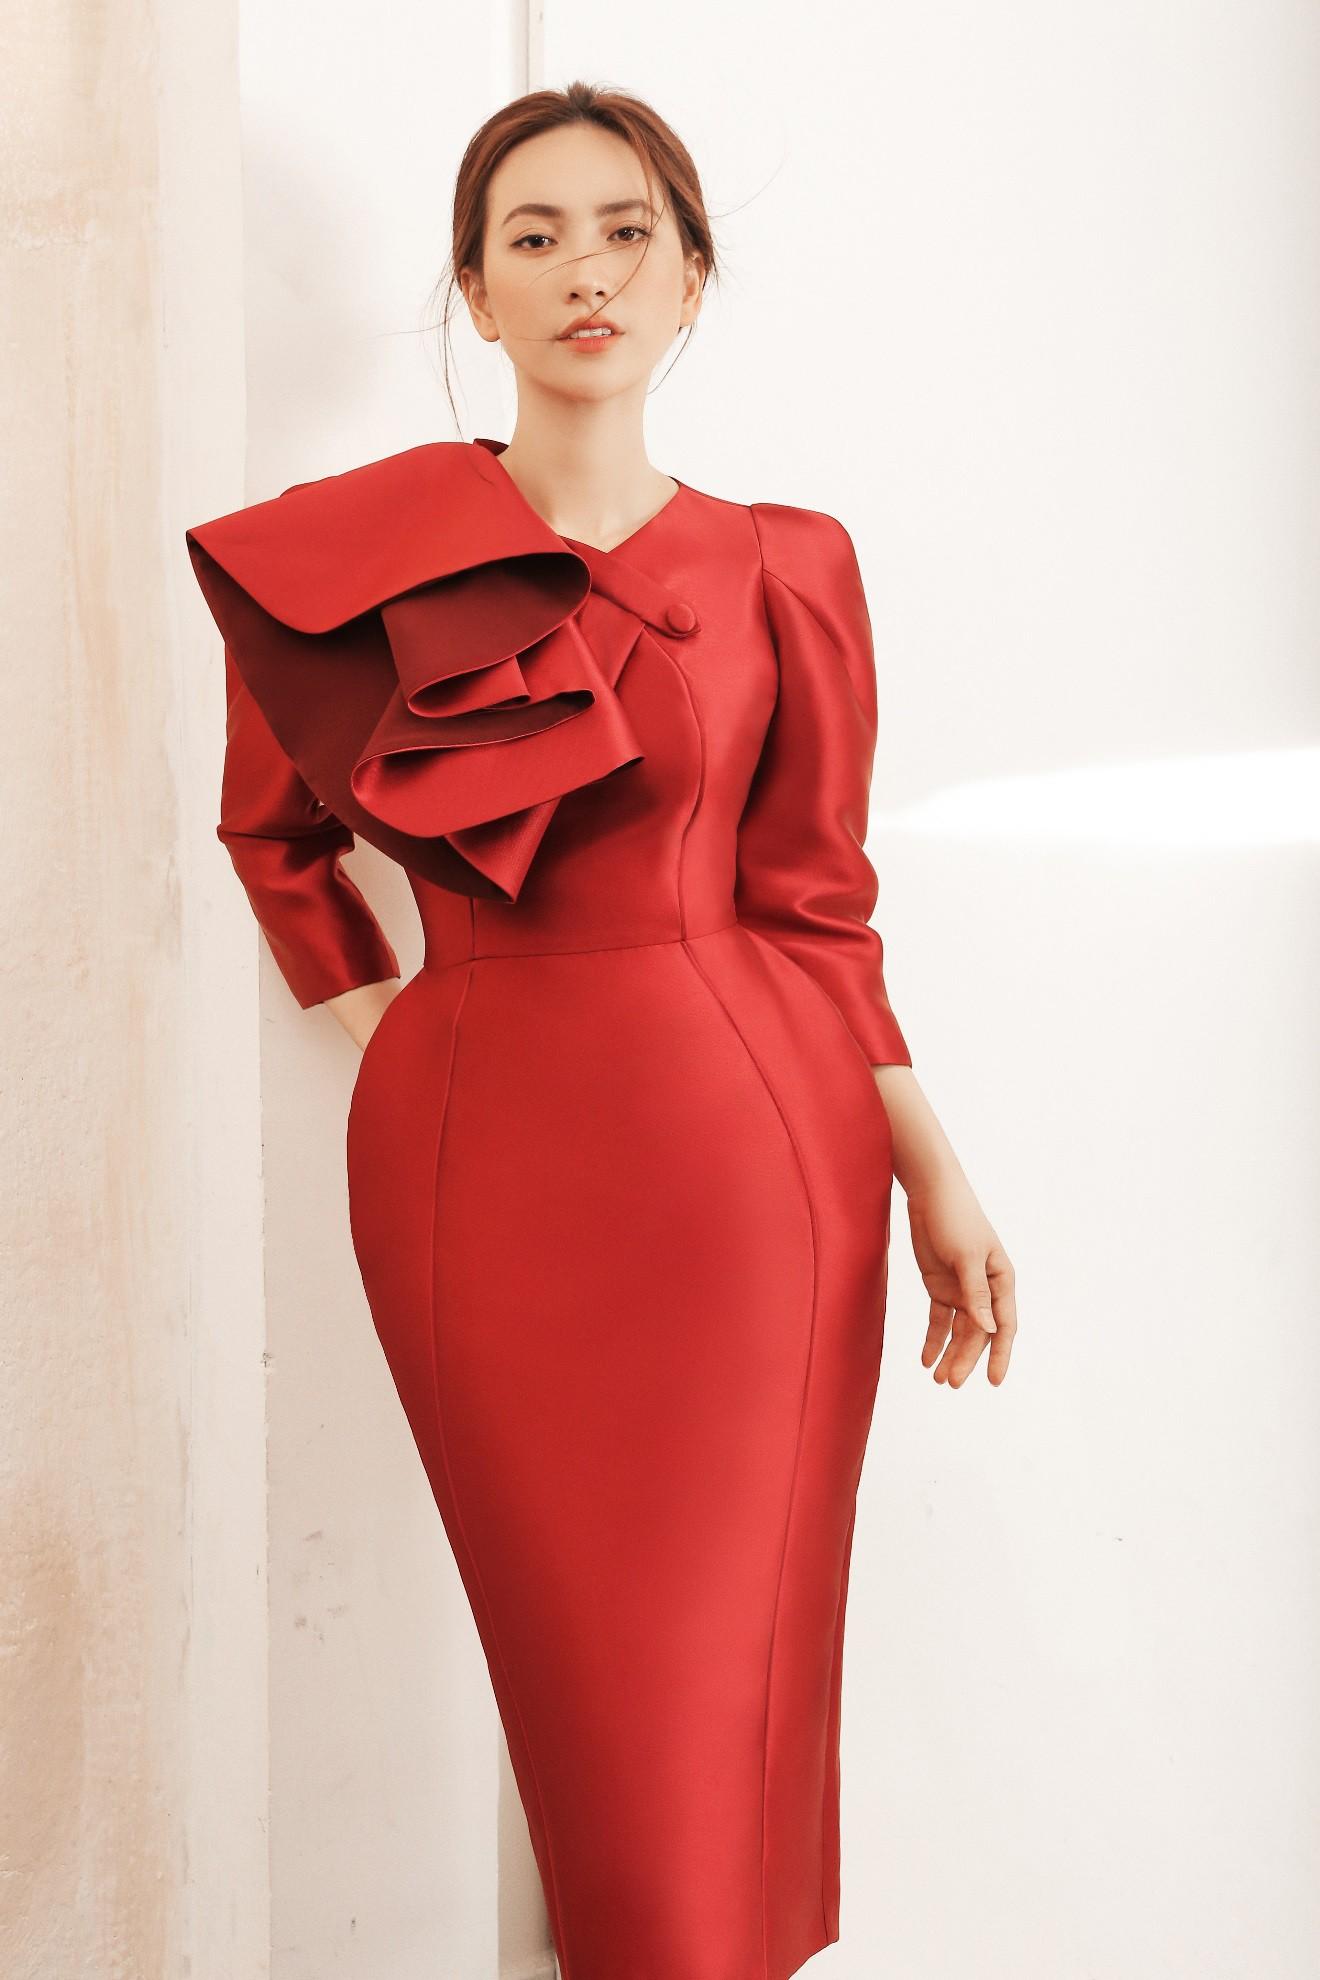 """Sau """"Chàng vợ của em"""", Phương Anh Đào đầy xinh đẹp, cuốn hút trong BST từng xuất hiện trên Vogue của PHUONG MY - Ảnh 7."""